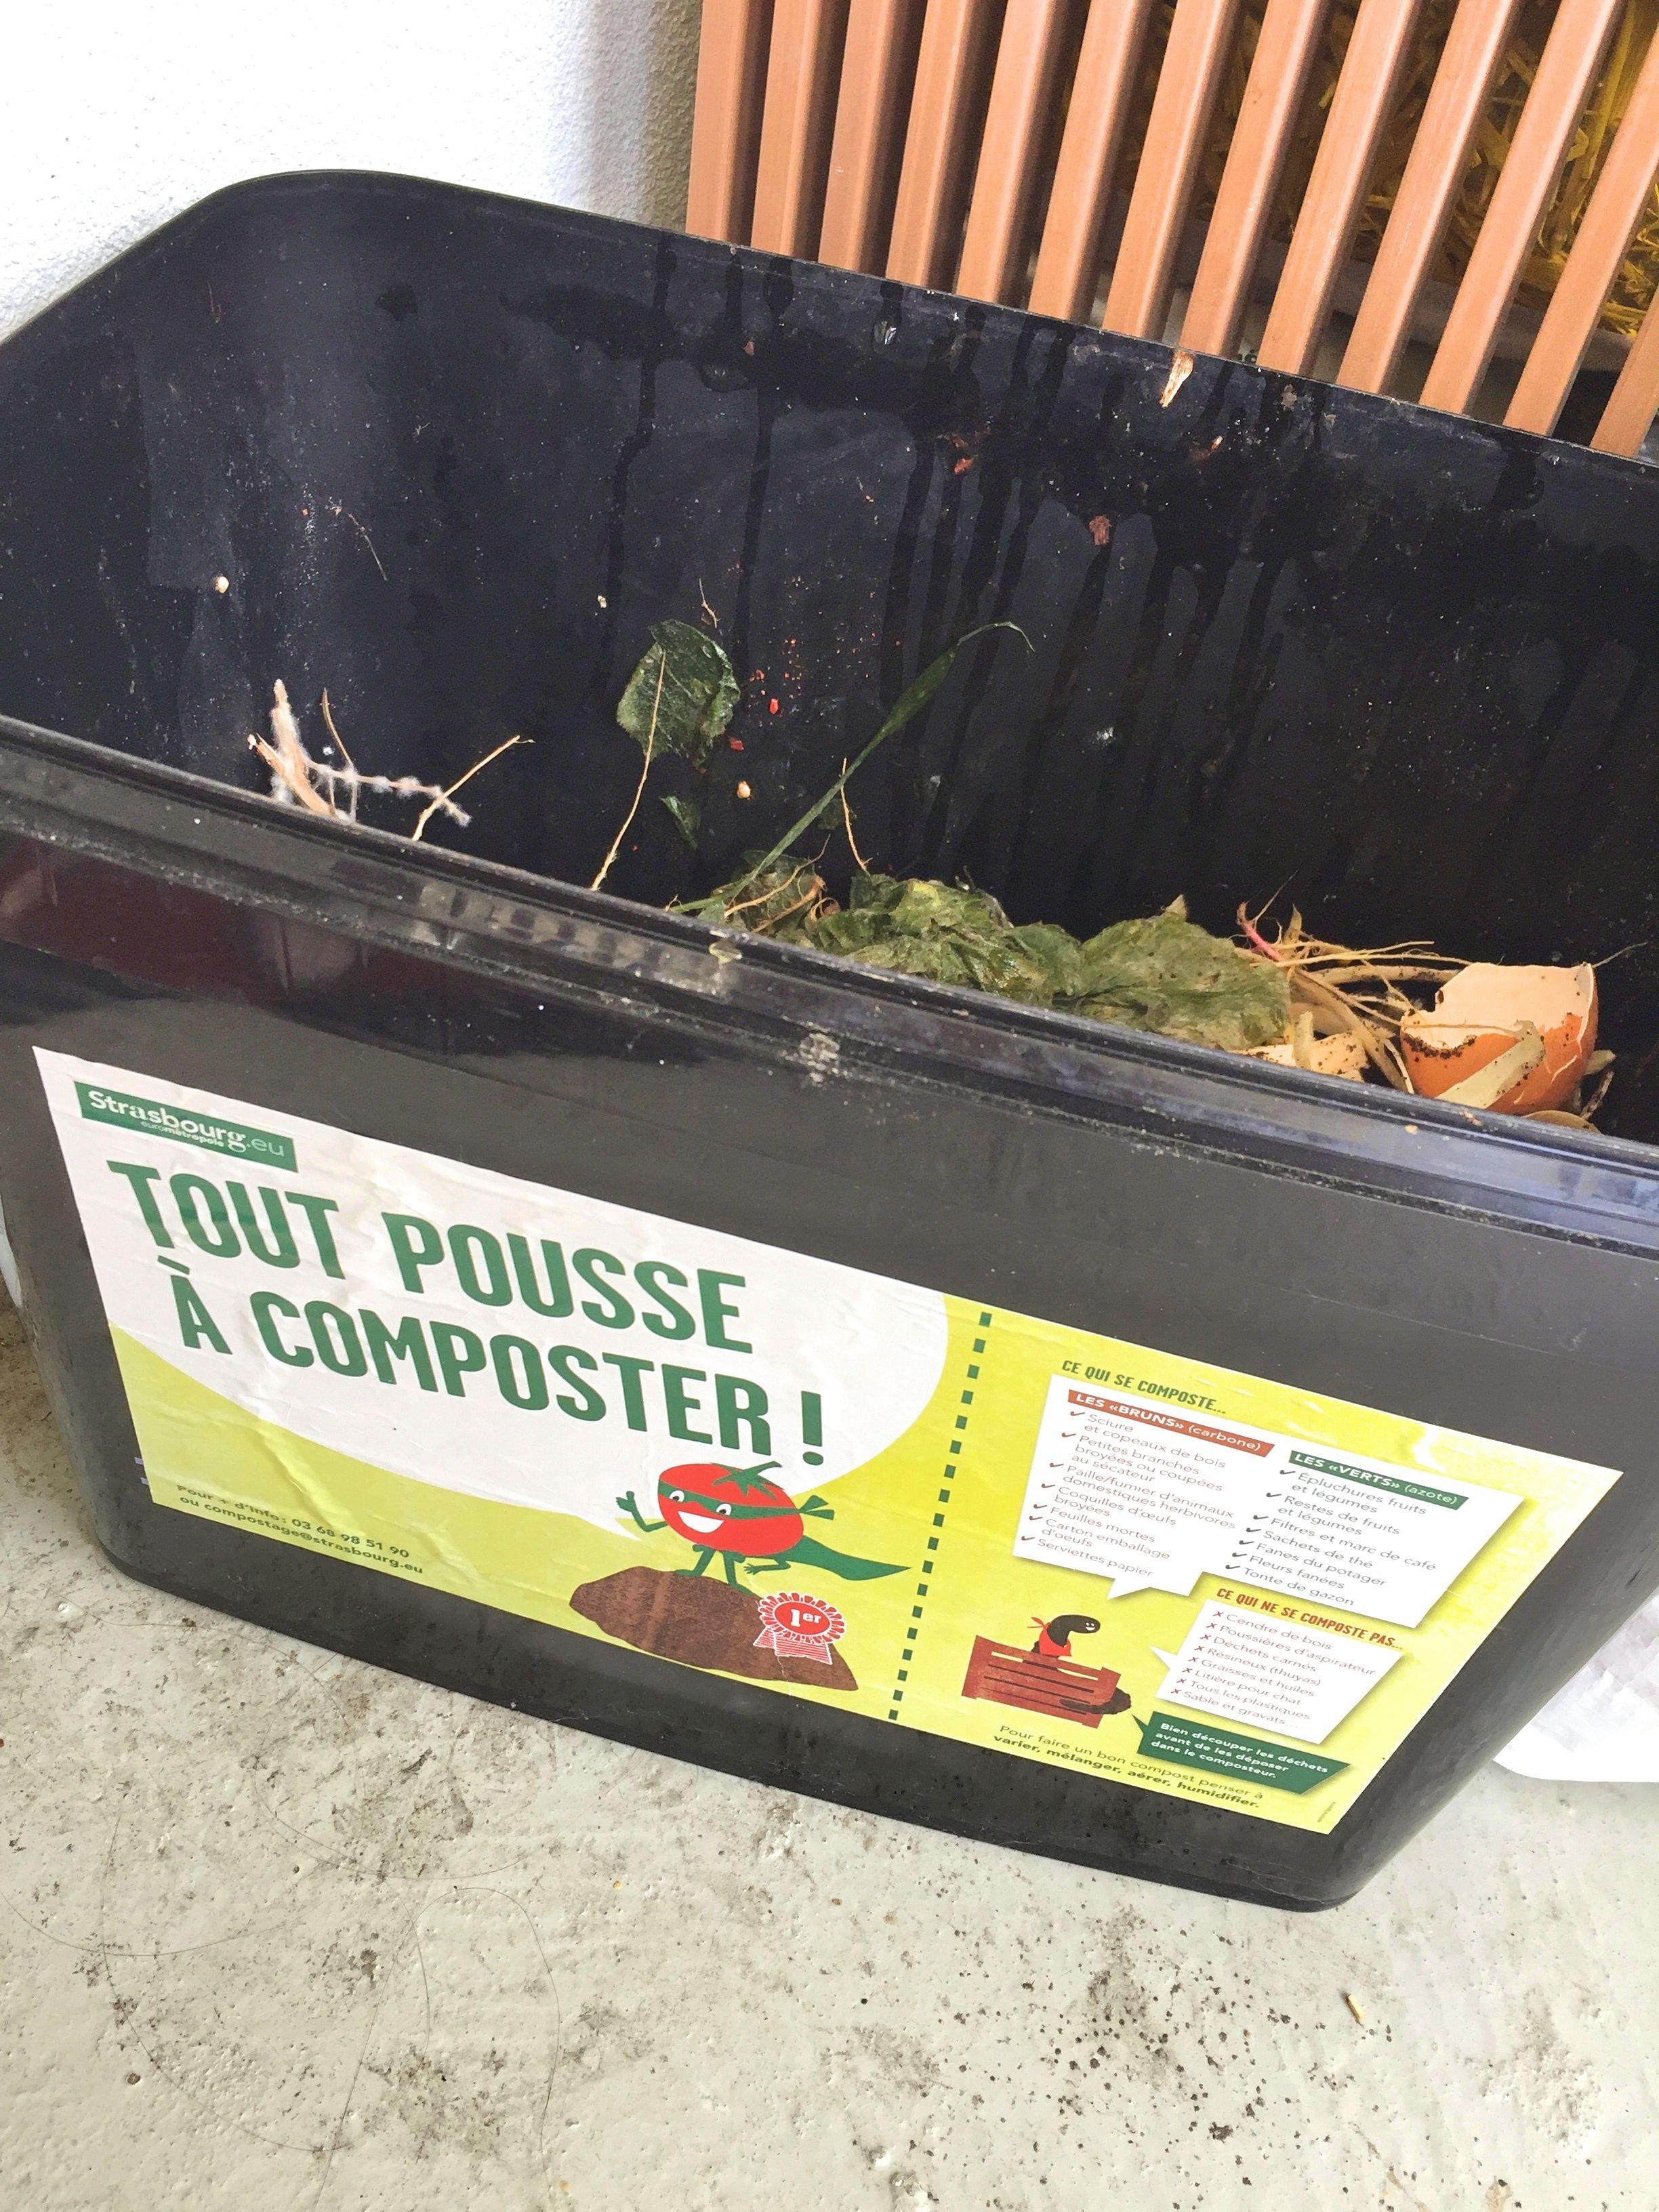 Un petit bac à compost, fourni par la Ville de Strasbourg, permet à Amandine de stocker ses déchets verts, avant de les apporter au compost de la Rotonde. (Photo EB - Les Défricheurs)